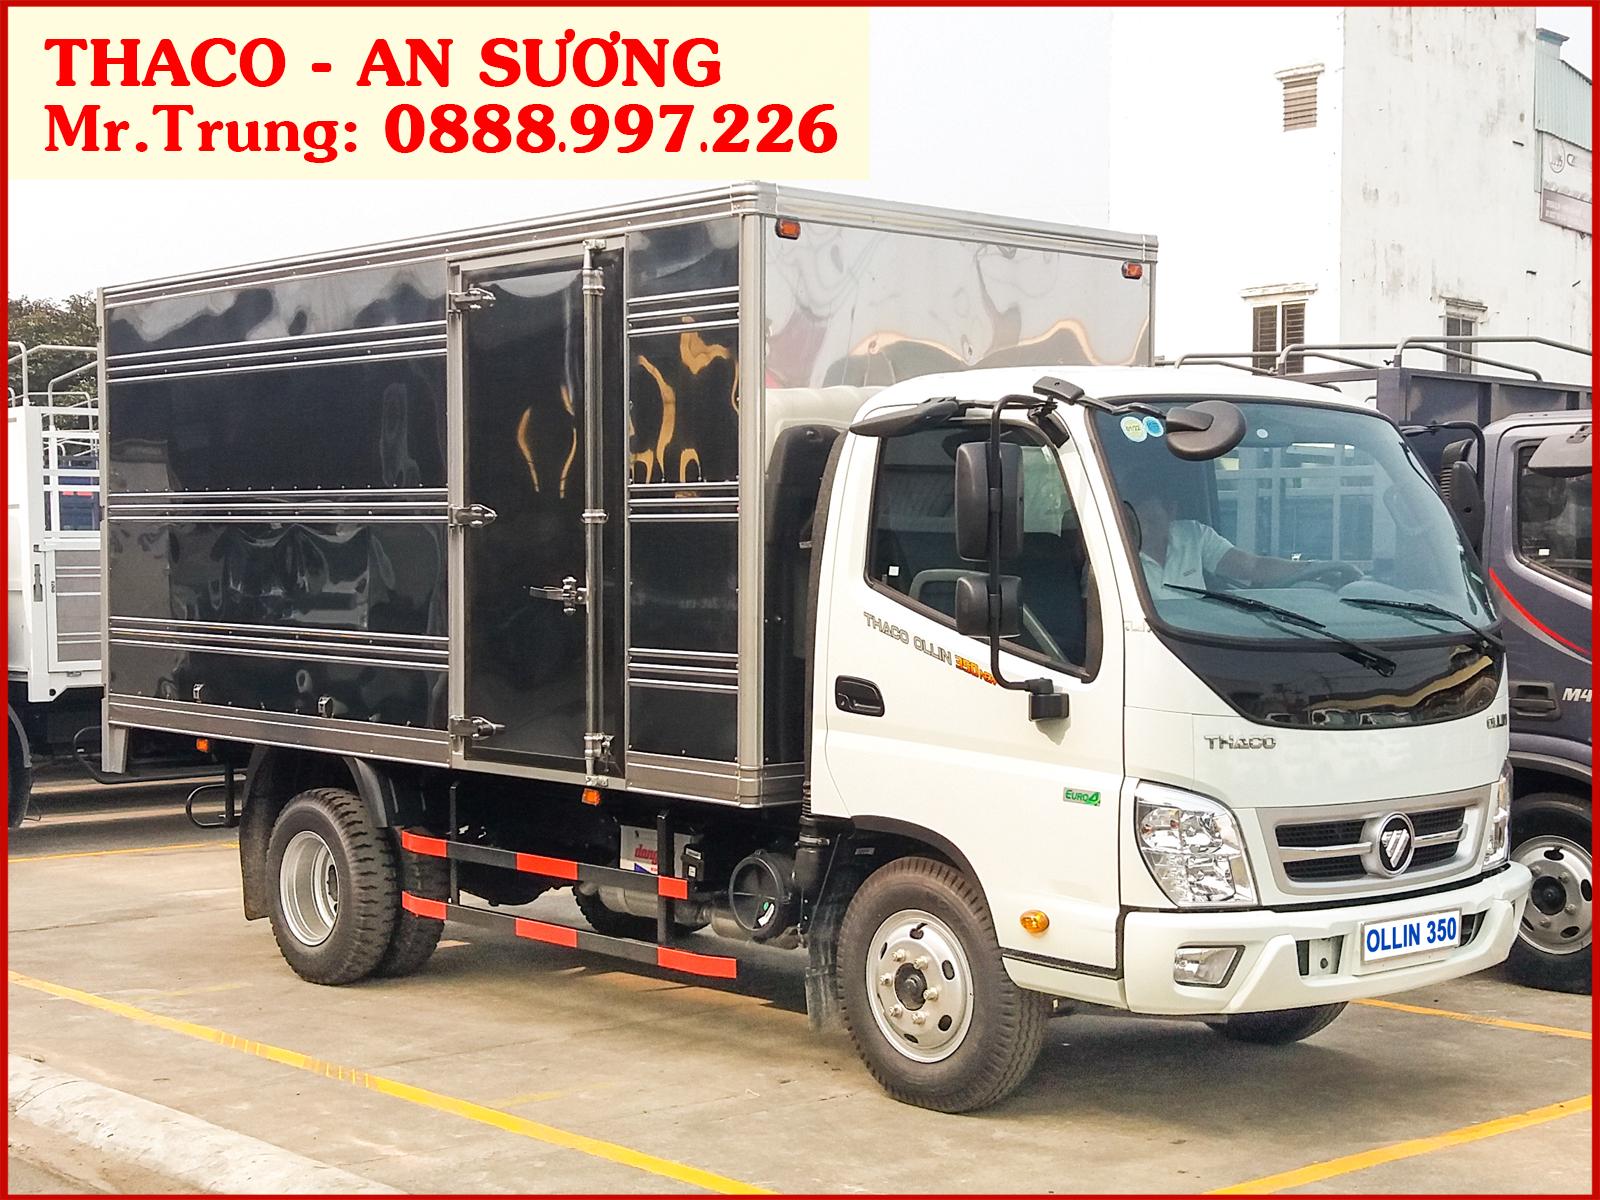 Xe tải Thaco OLLIN 350 thùng kín, tải trọng 2.150 kg, được phép lưu thông vào thành phố